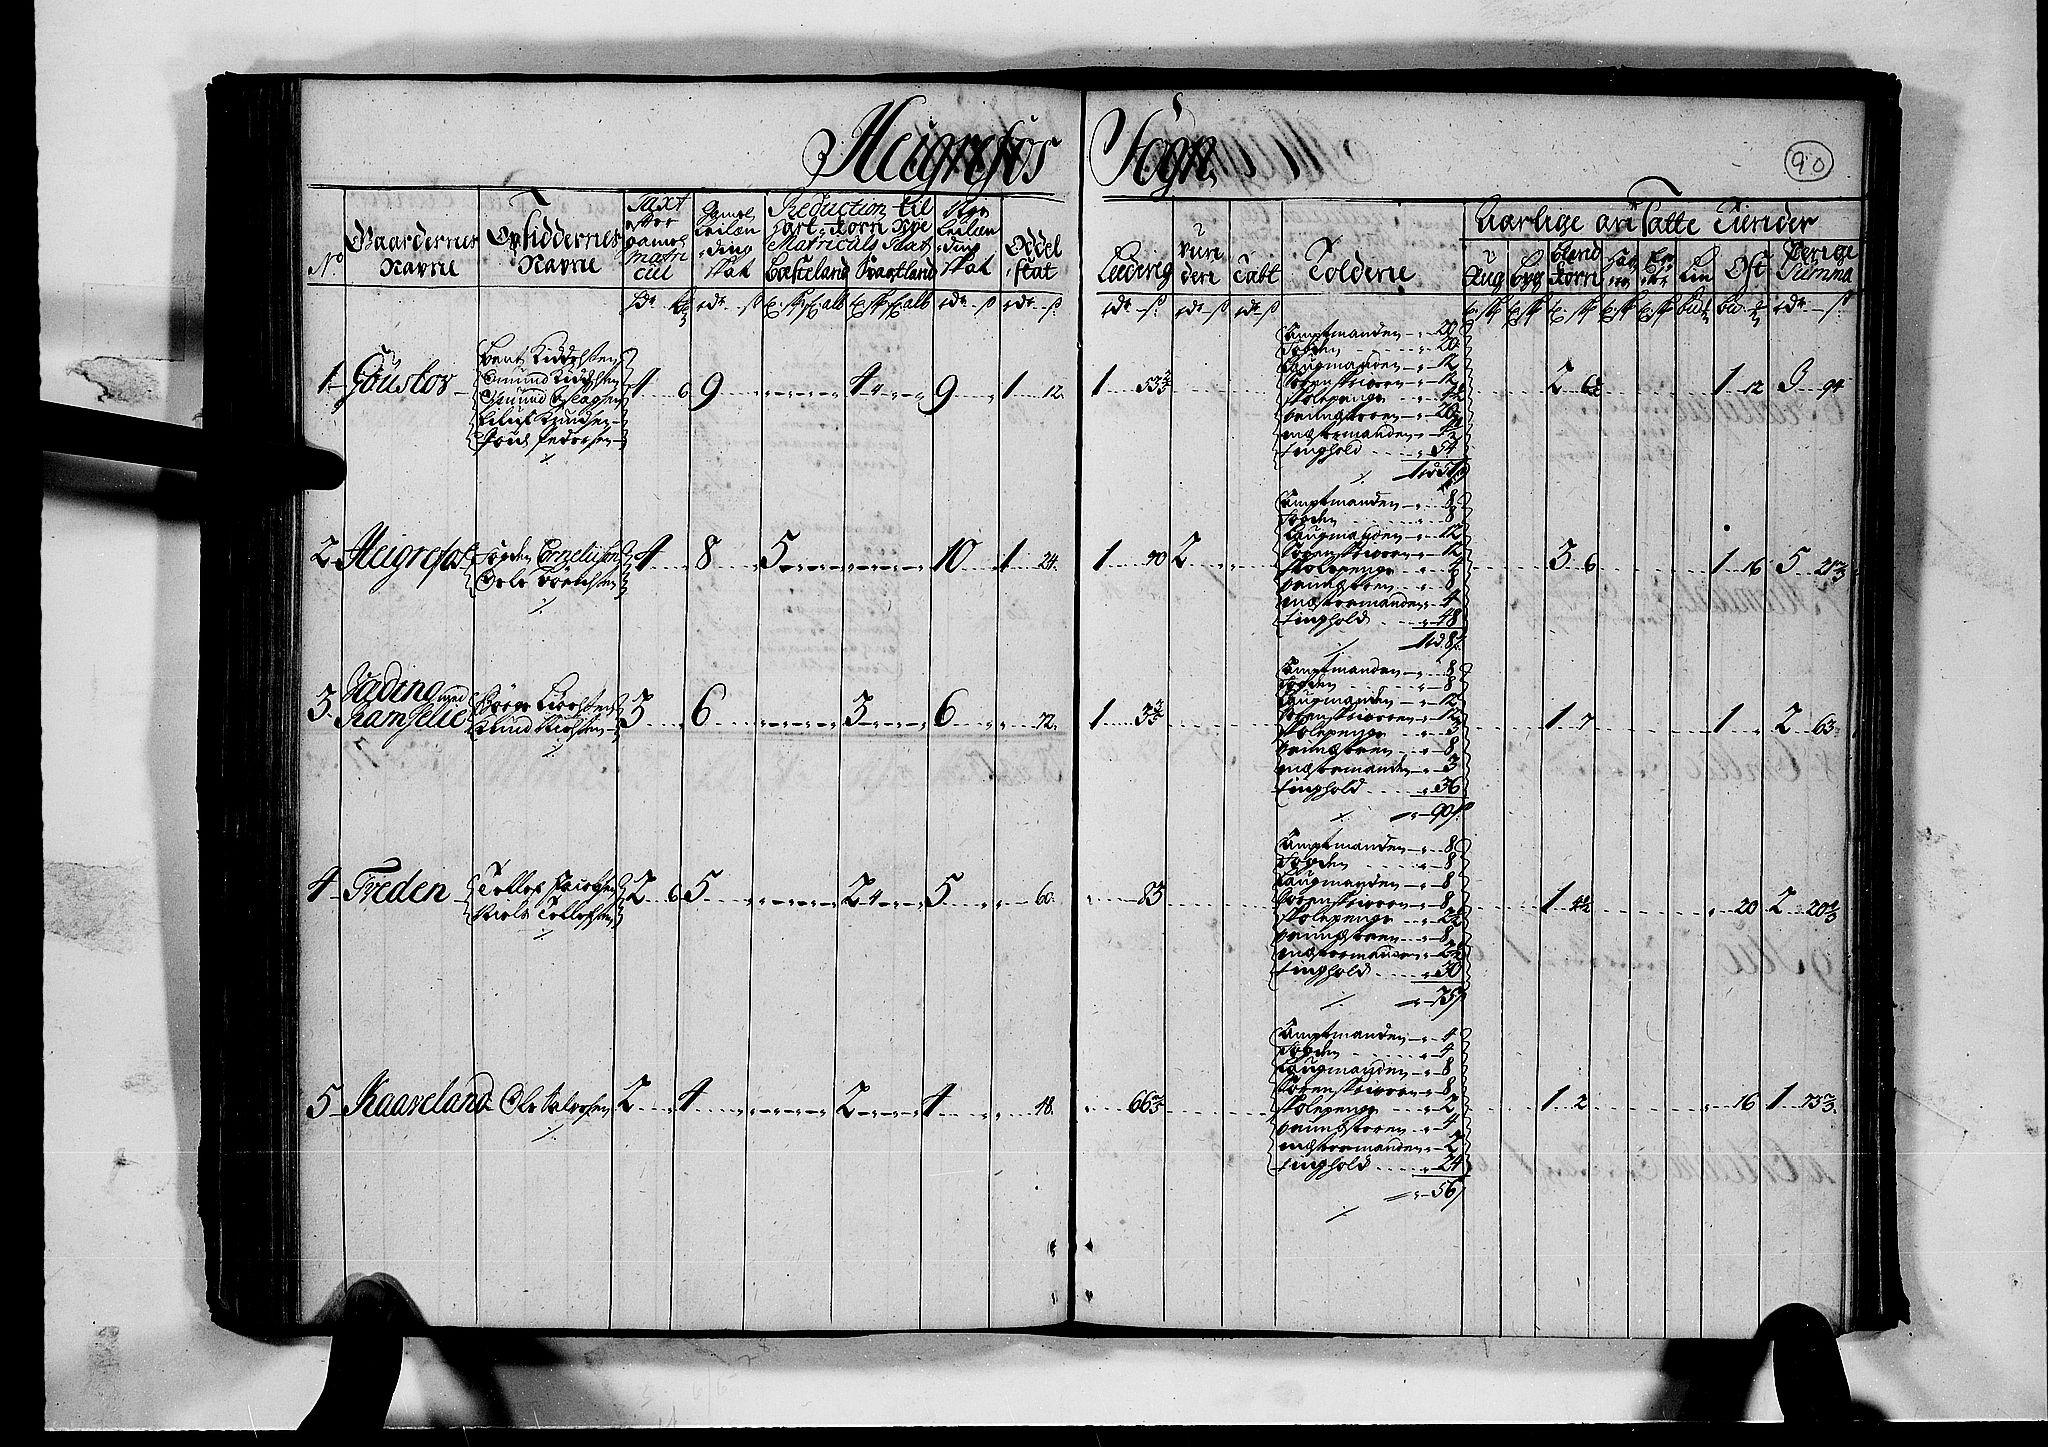 RA, Rentekammeret inntil 1814, Realistisk ordnet avdeling, N/Nb/Nbf/L0126: Råbyggelag matrikkelprotokoll, 1723, s. 89b-90a